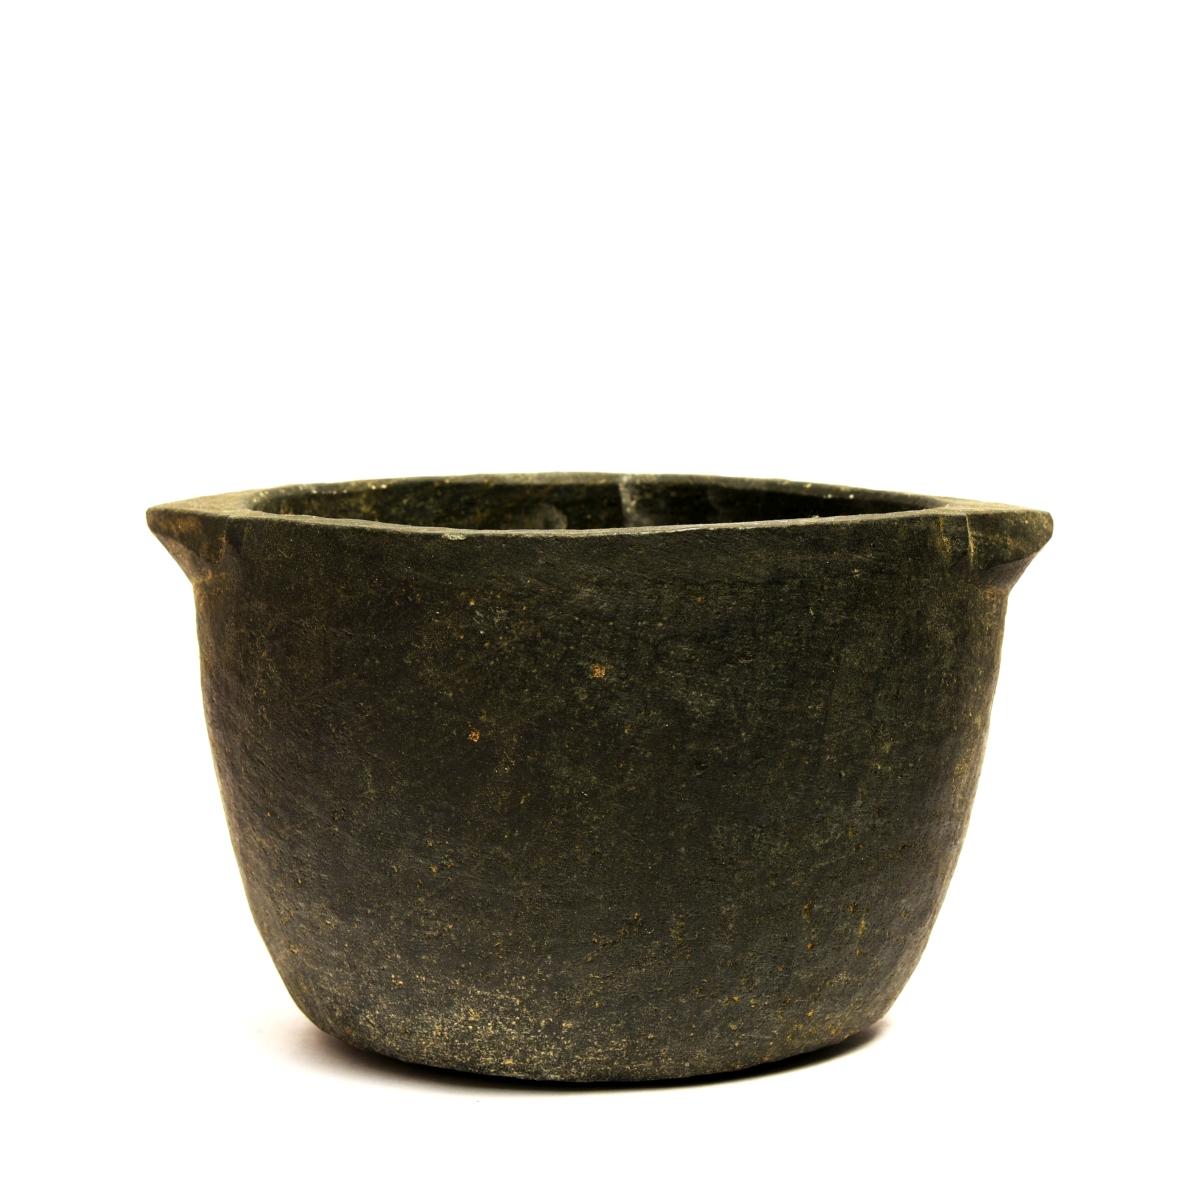 Seasoned Soapstone Cook pots - 1.0 ltr